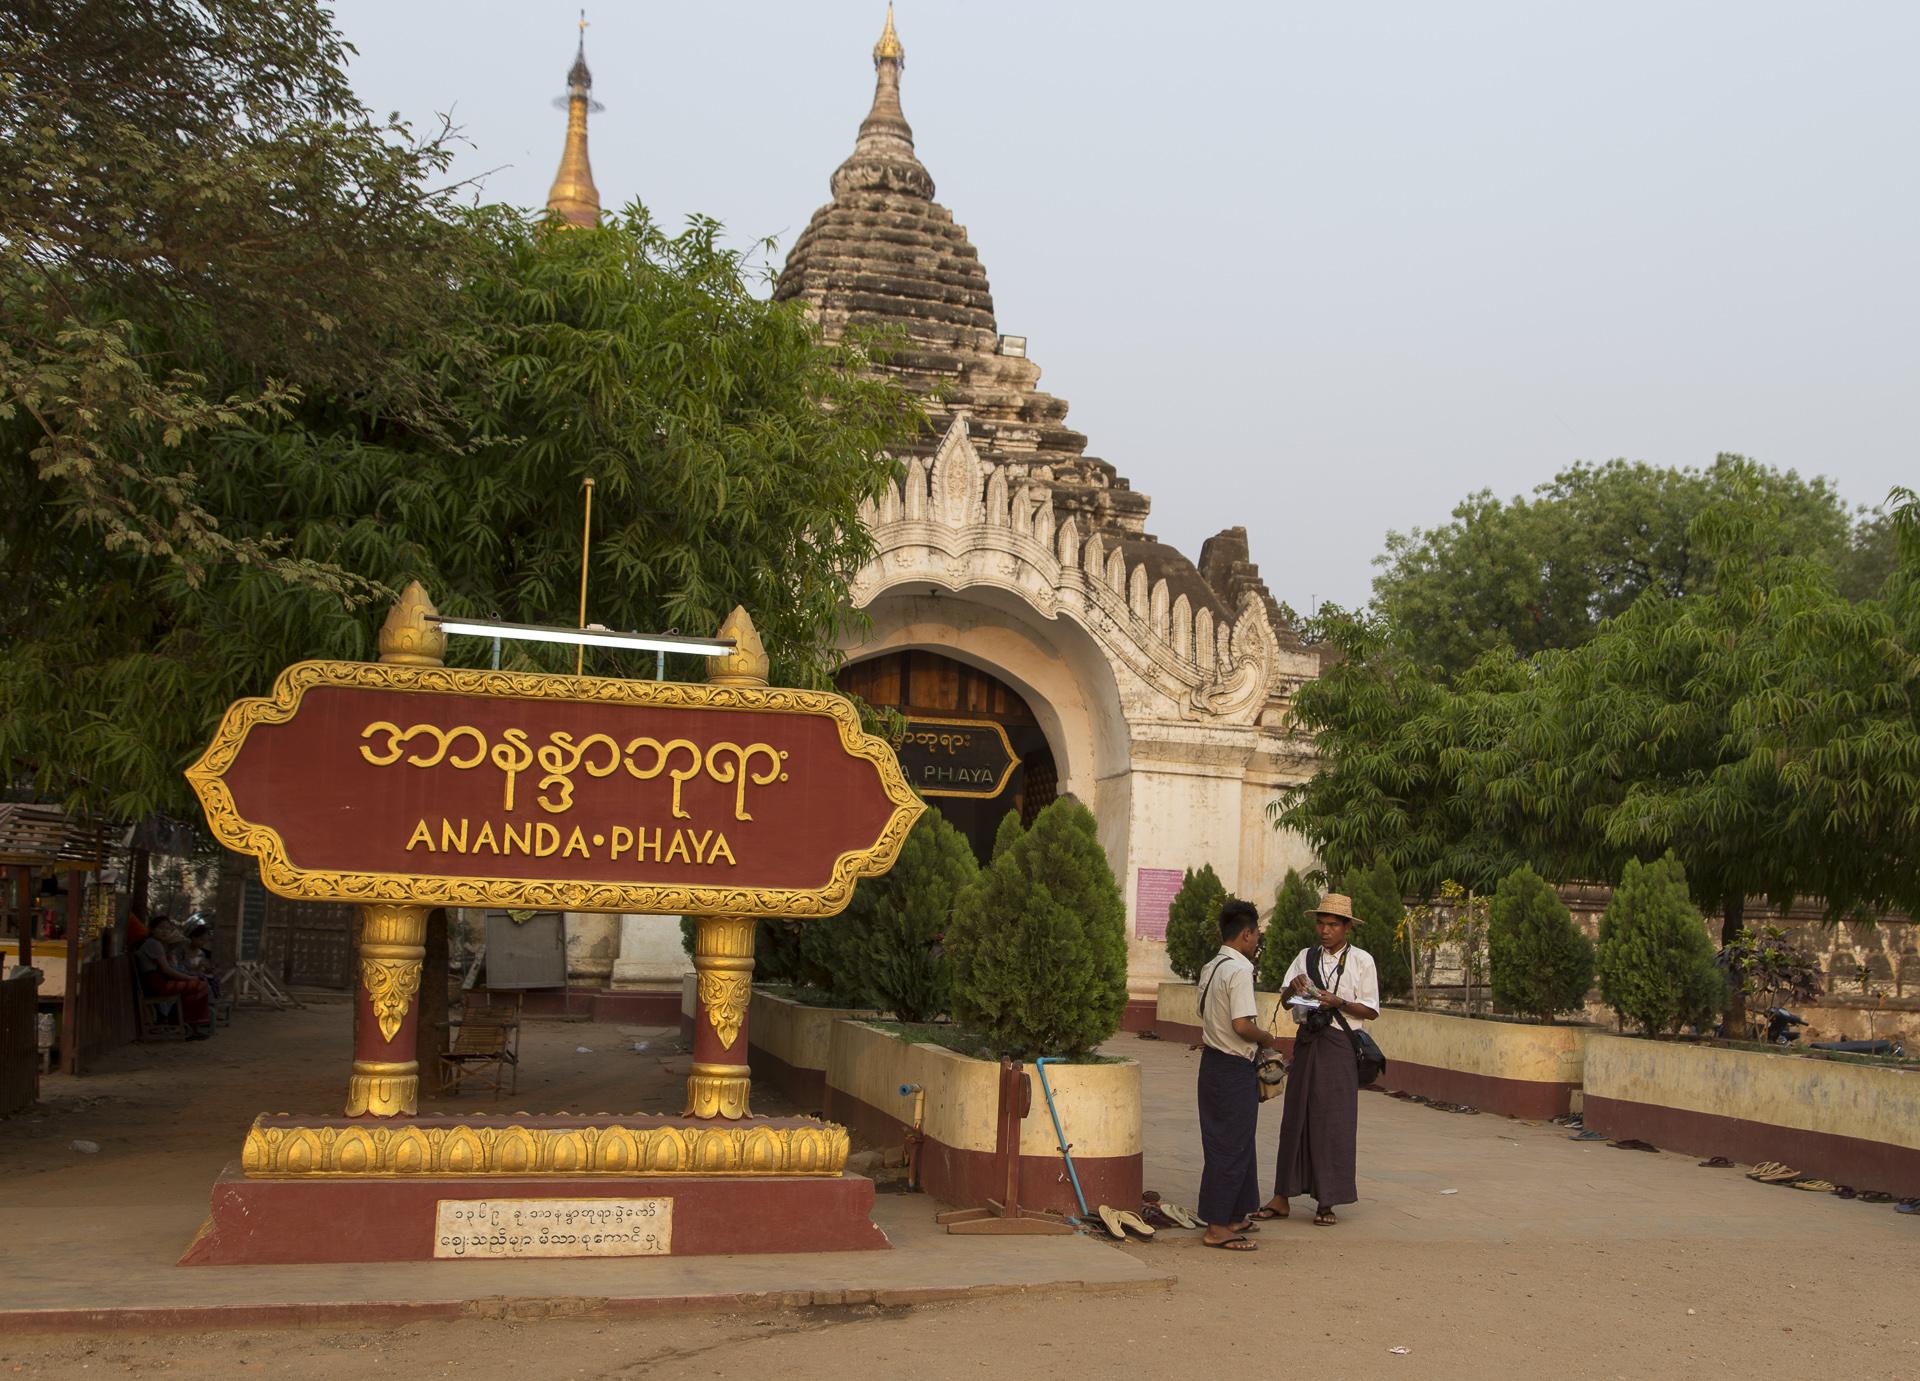 Day 14: Bagan, Day 2